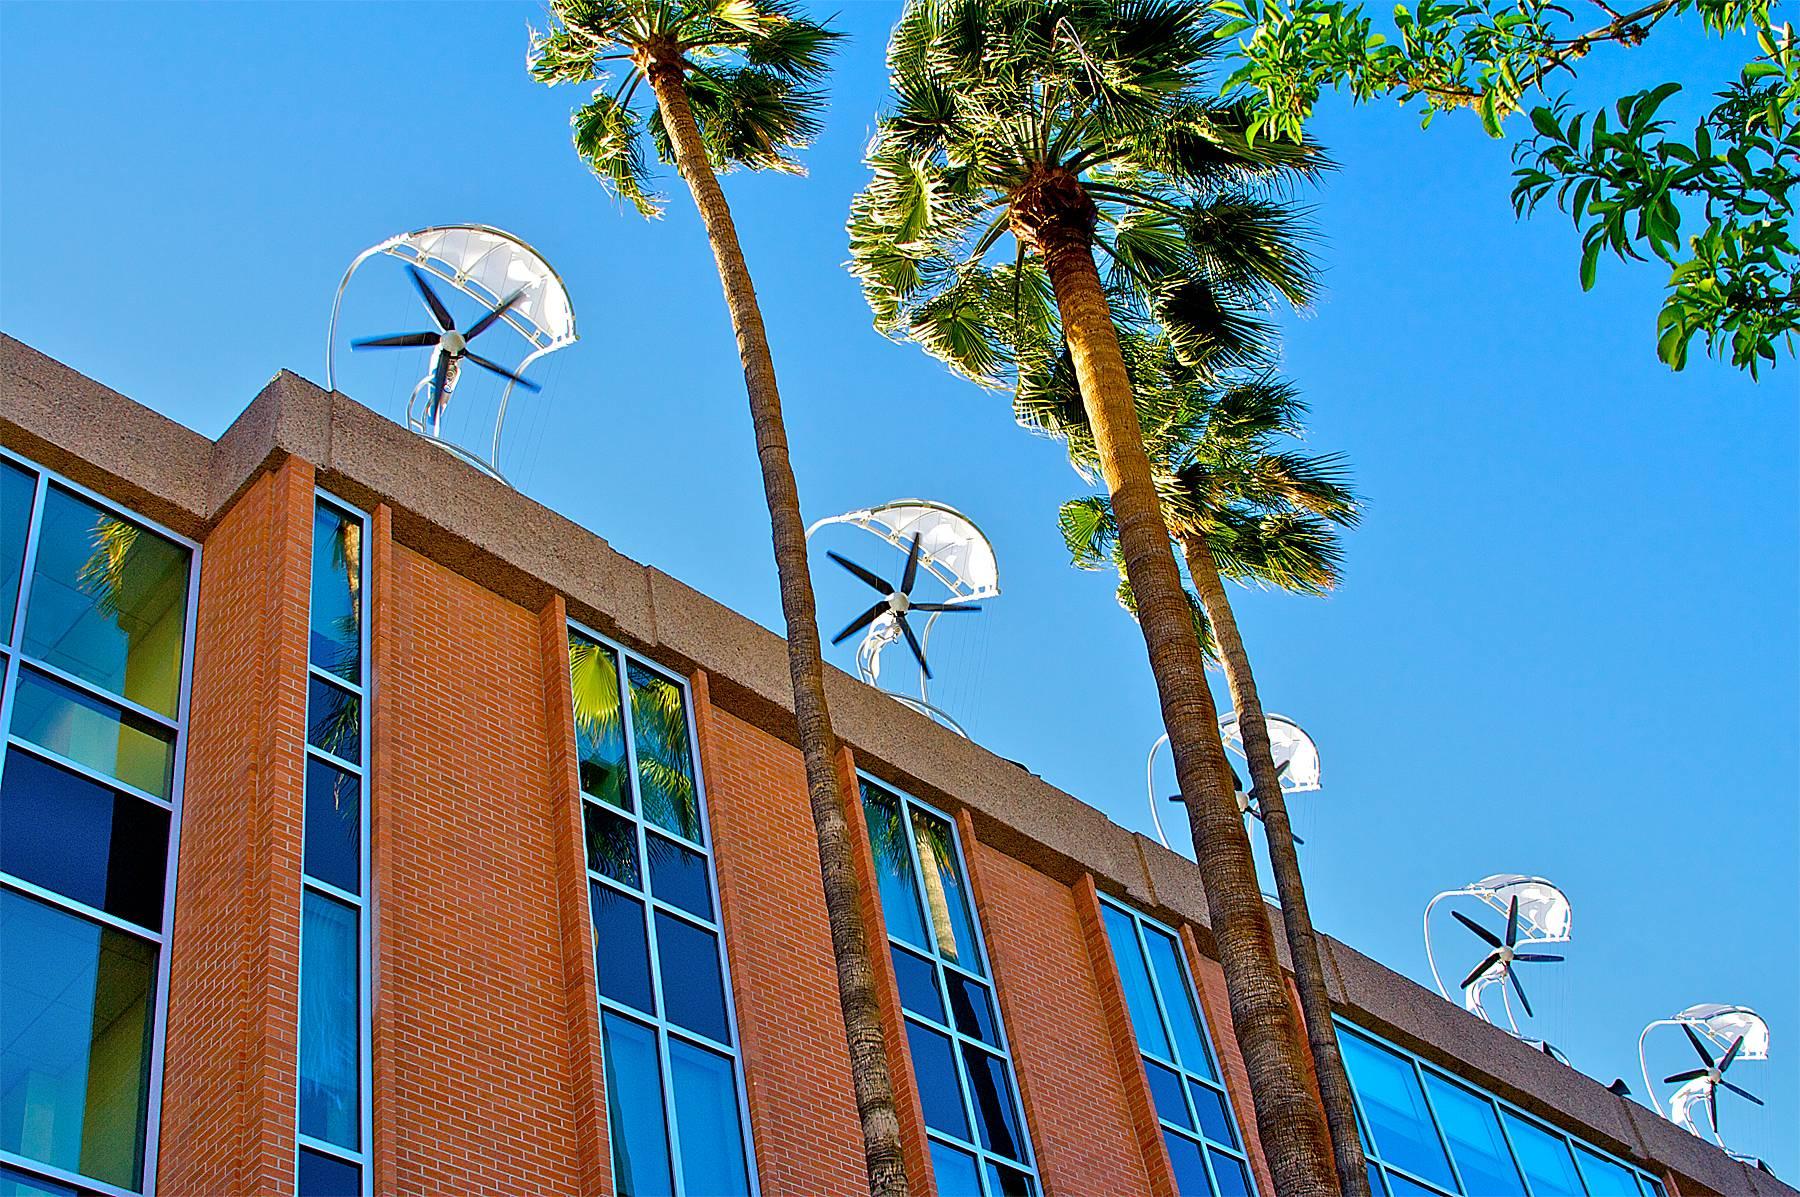 University Of Arizona Desktop Wallpapers 1800x1197